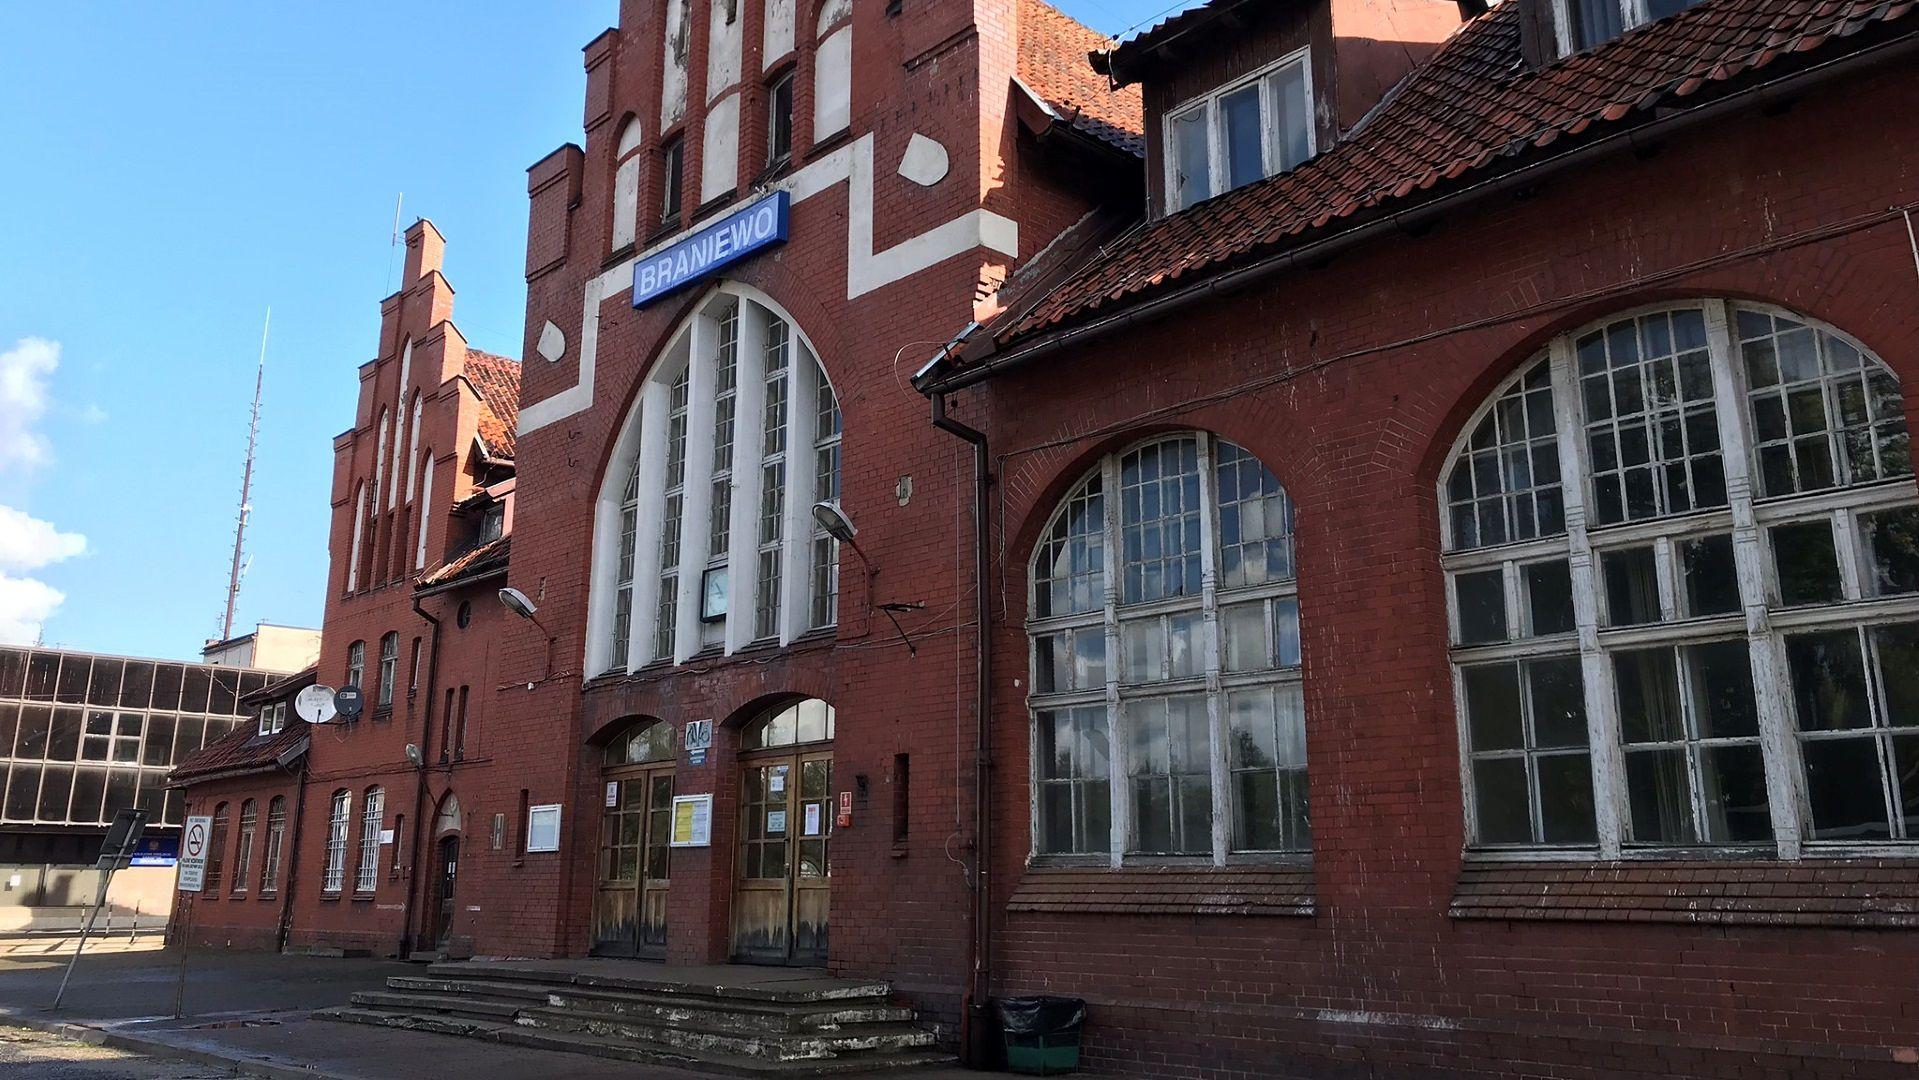 Dworzec kolejowy w Braniewie.